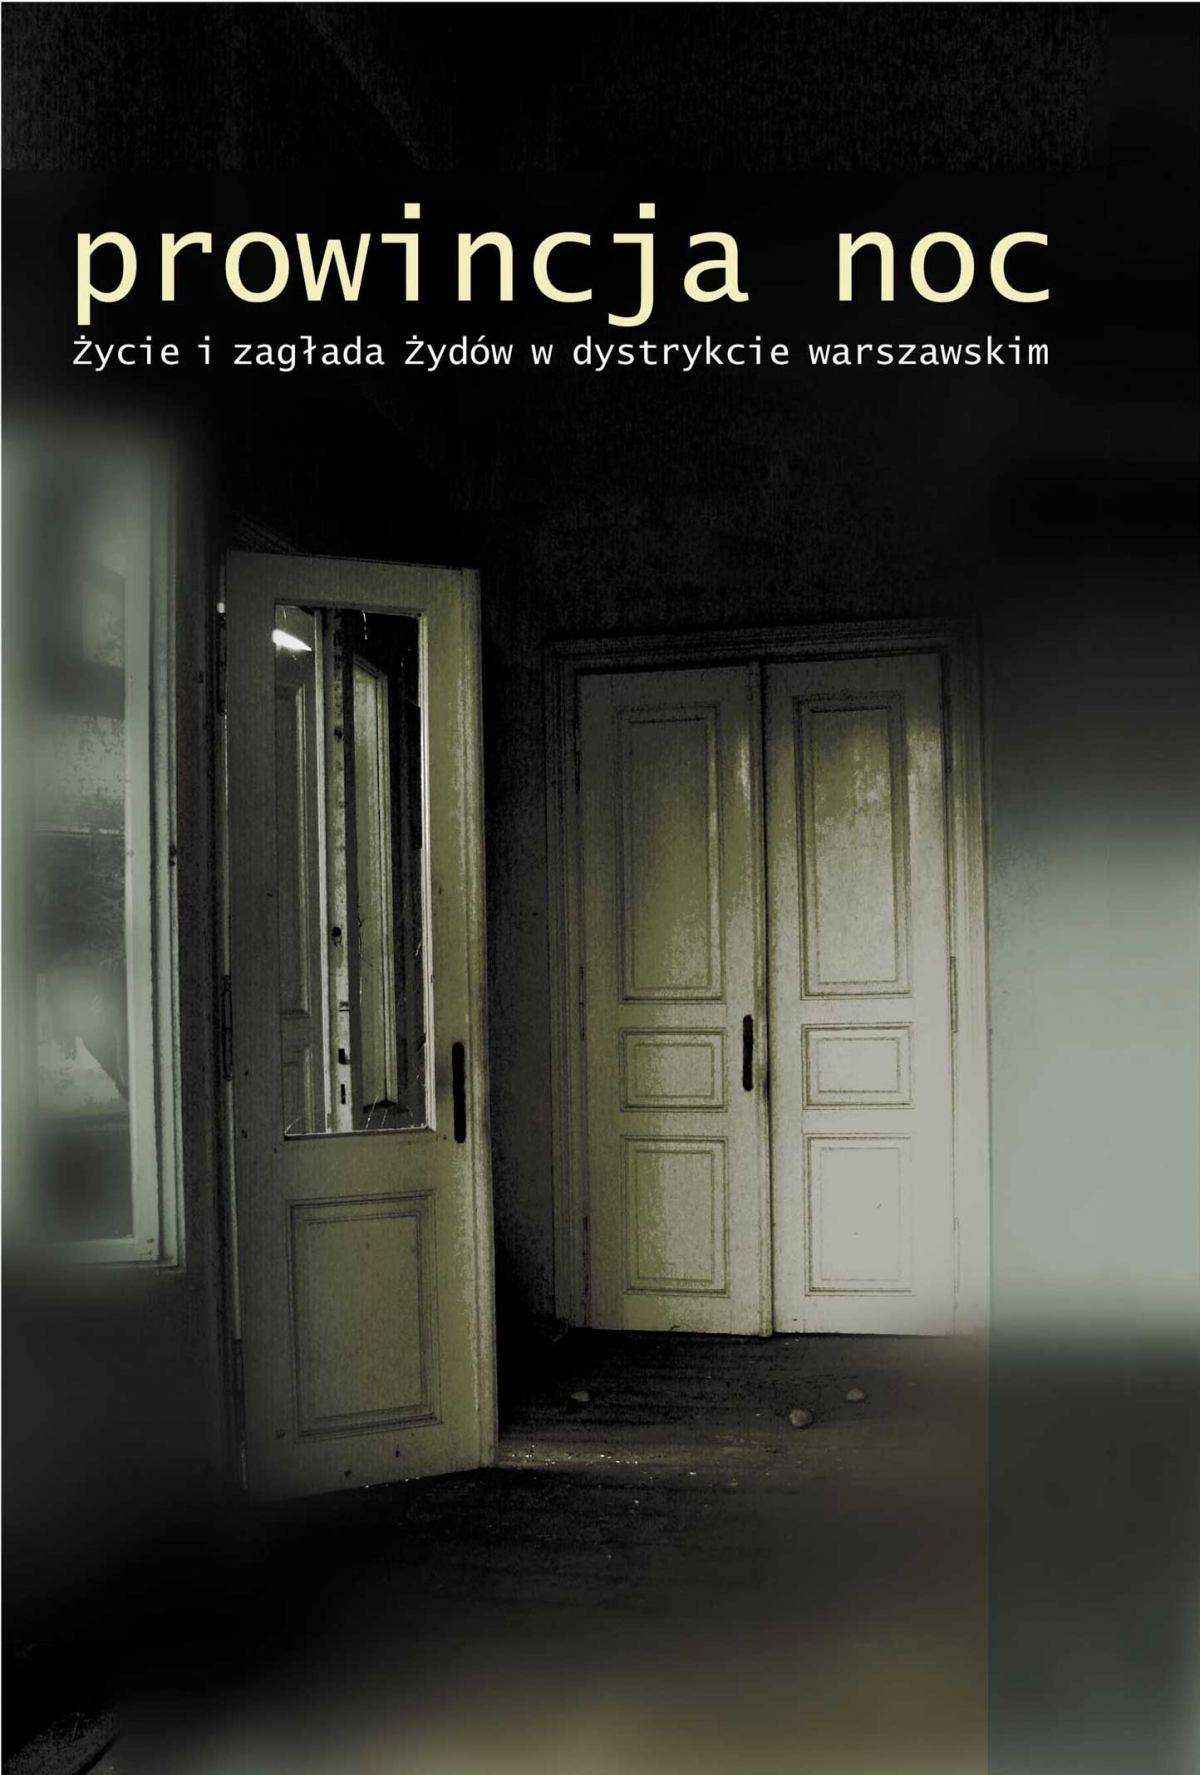 Prowincja Noc. Życie i zagłada Żydów w dystrykcie warszawskim - Ebook (Książka na Kindle) do pobrania w formacie MOBI